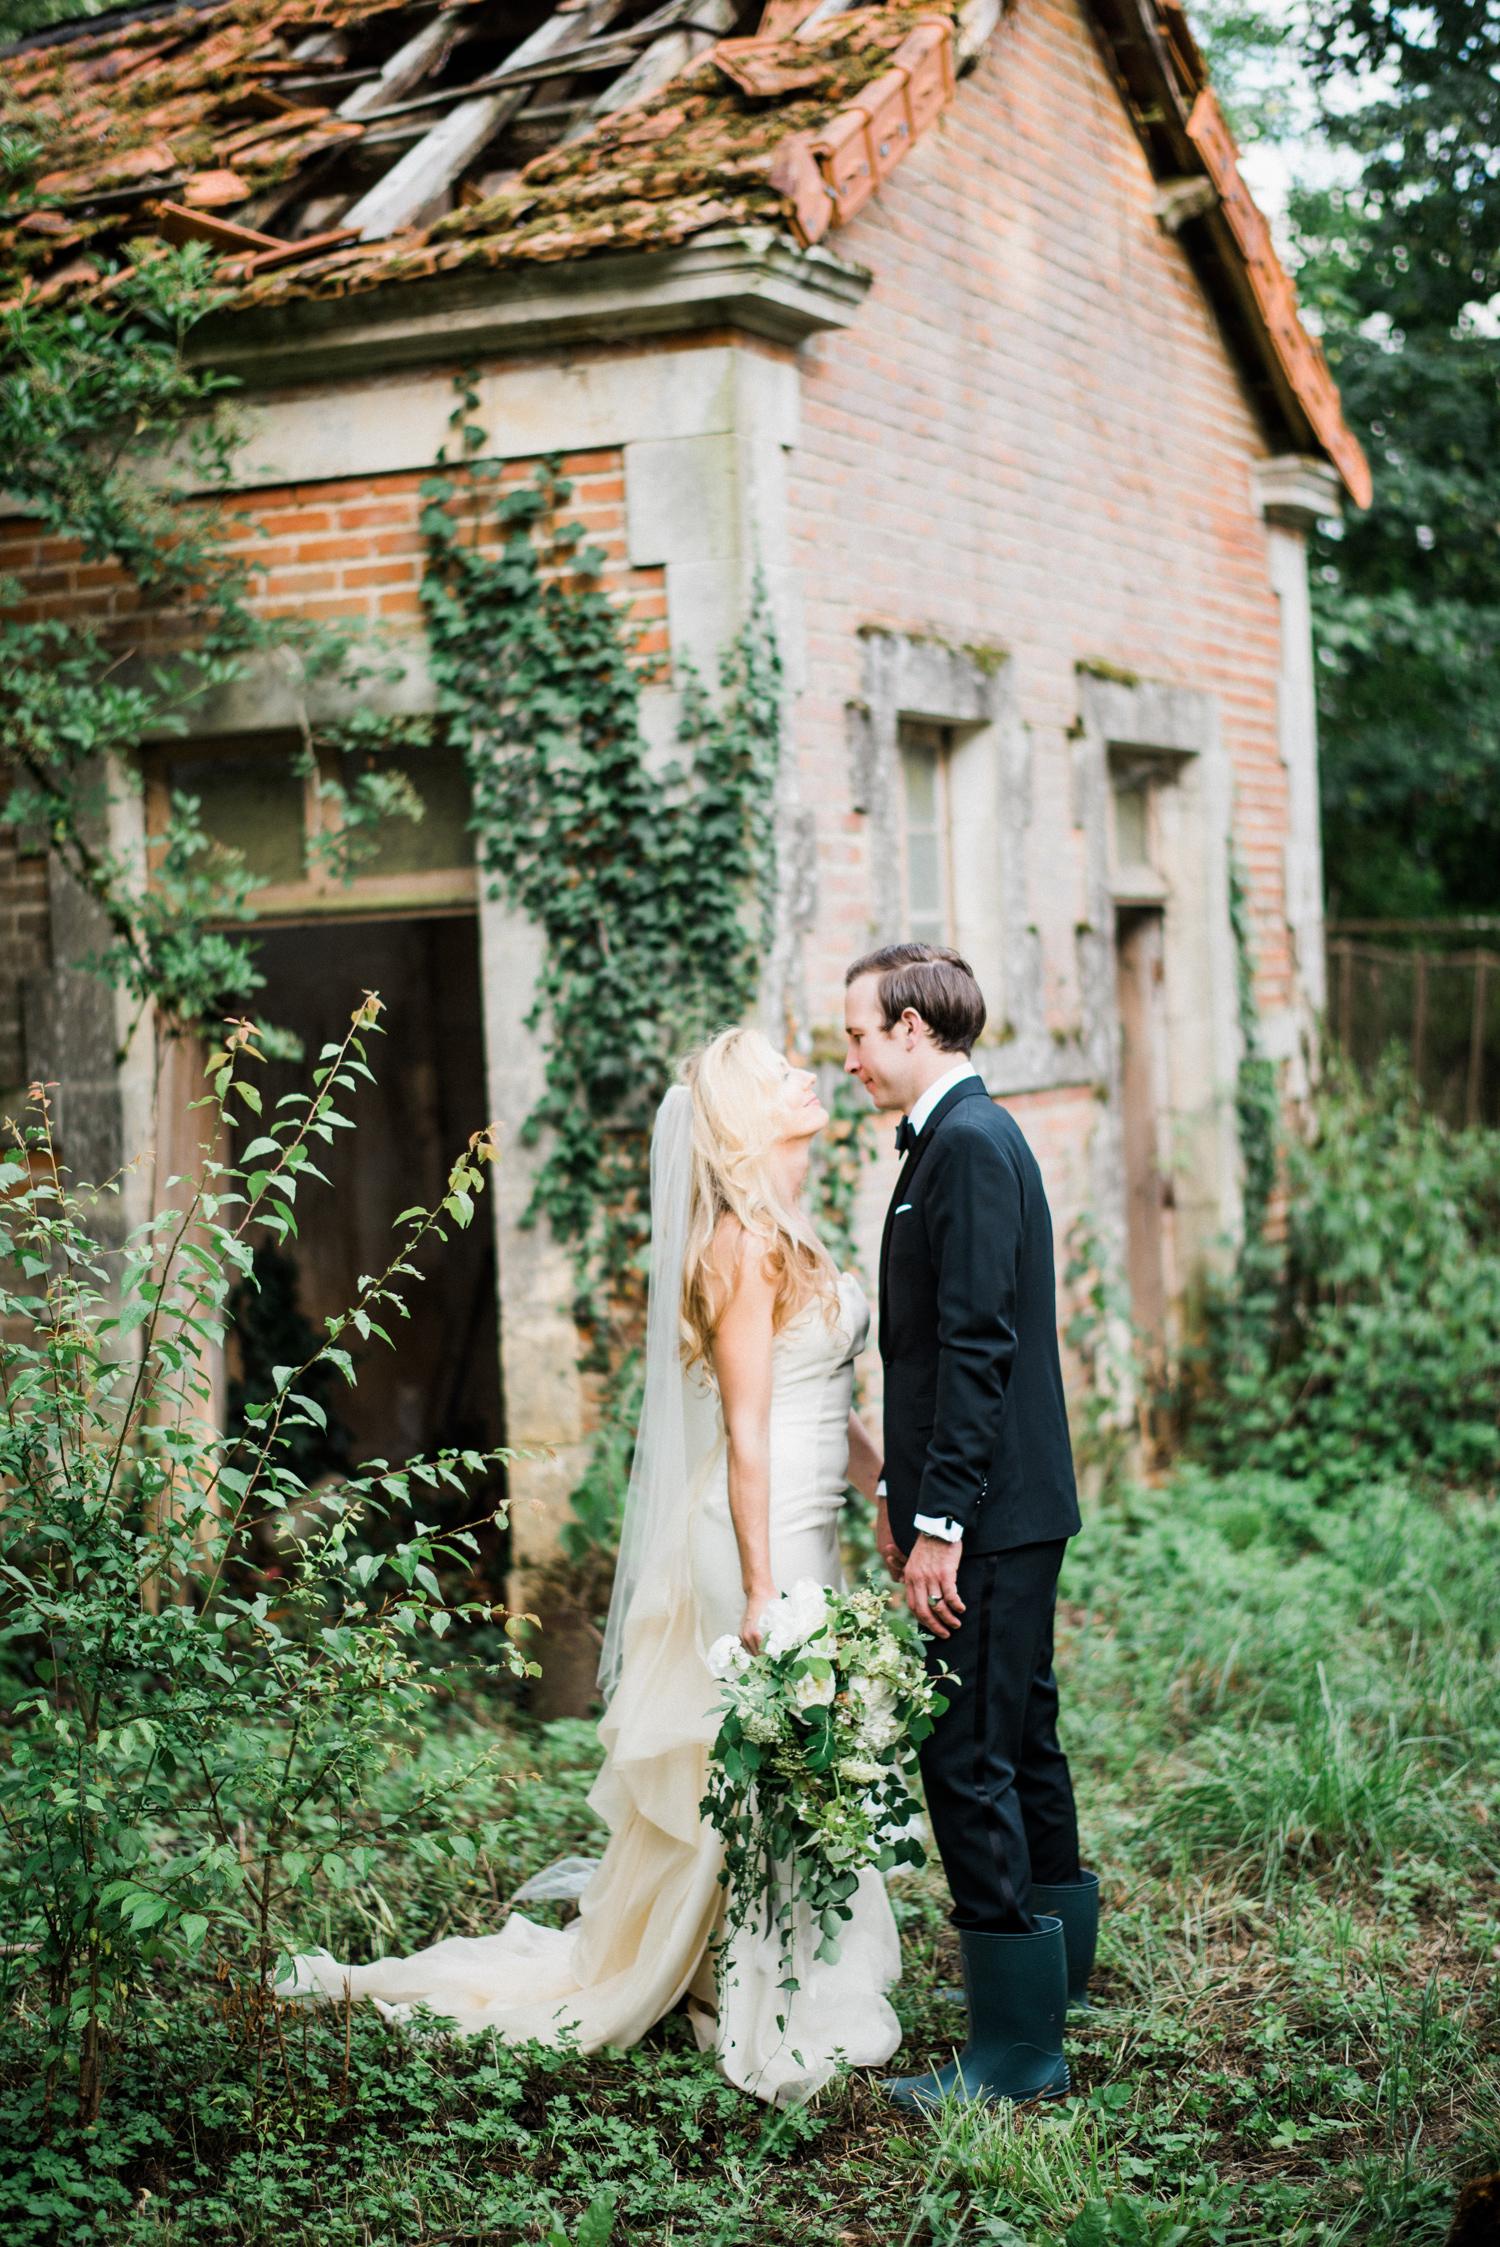 080-french-chateau-destination-wedding-south-france-film-photographer-ryan-flynn.jpg